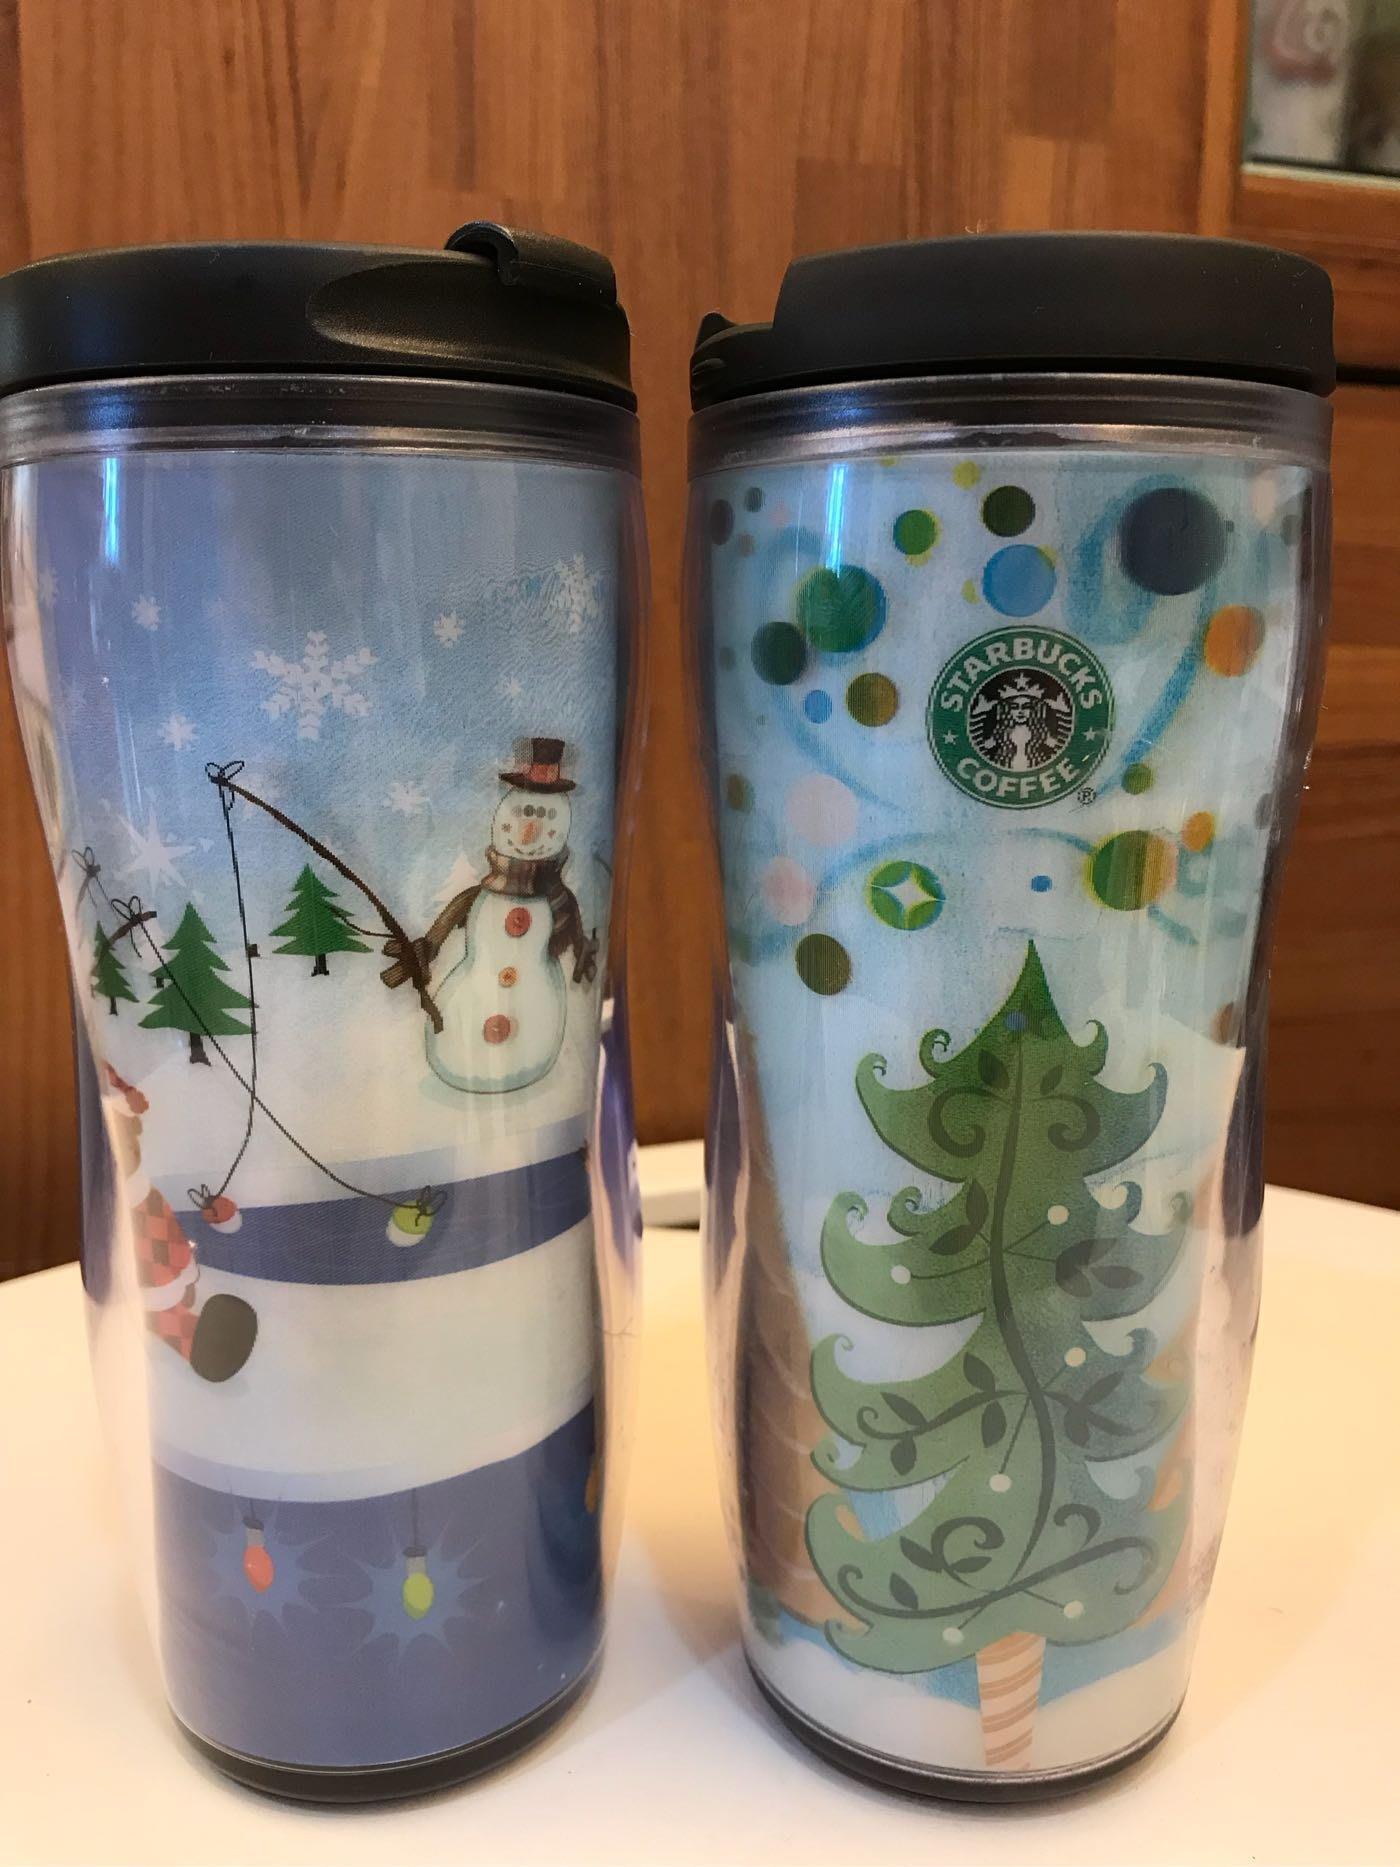 星巴克 Starbucks 台灣 隨行杯 12oz 雪人 聖誕樹 聖誕限量 3D 共2款 不分售 全新未使用